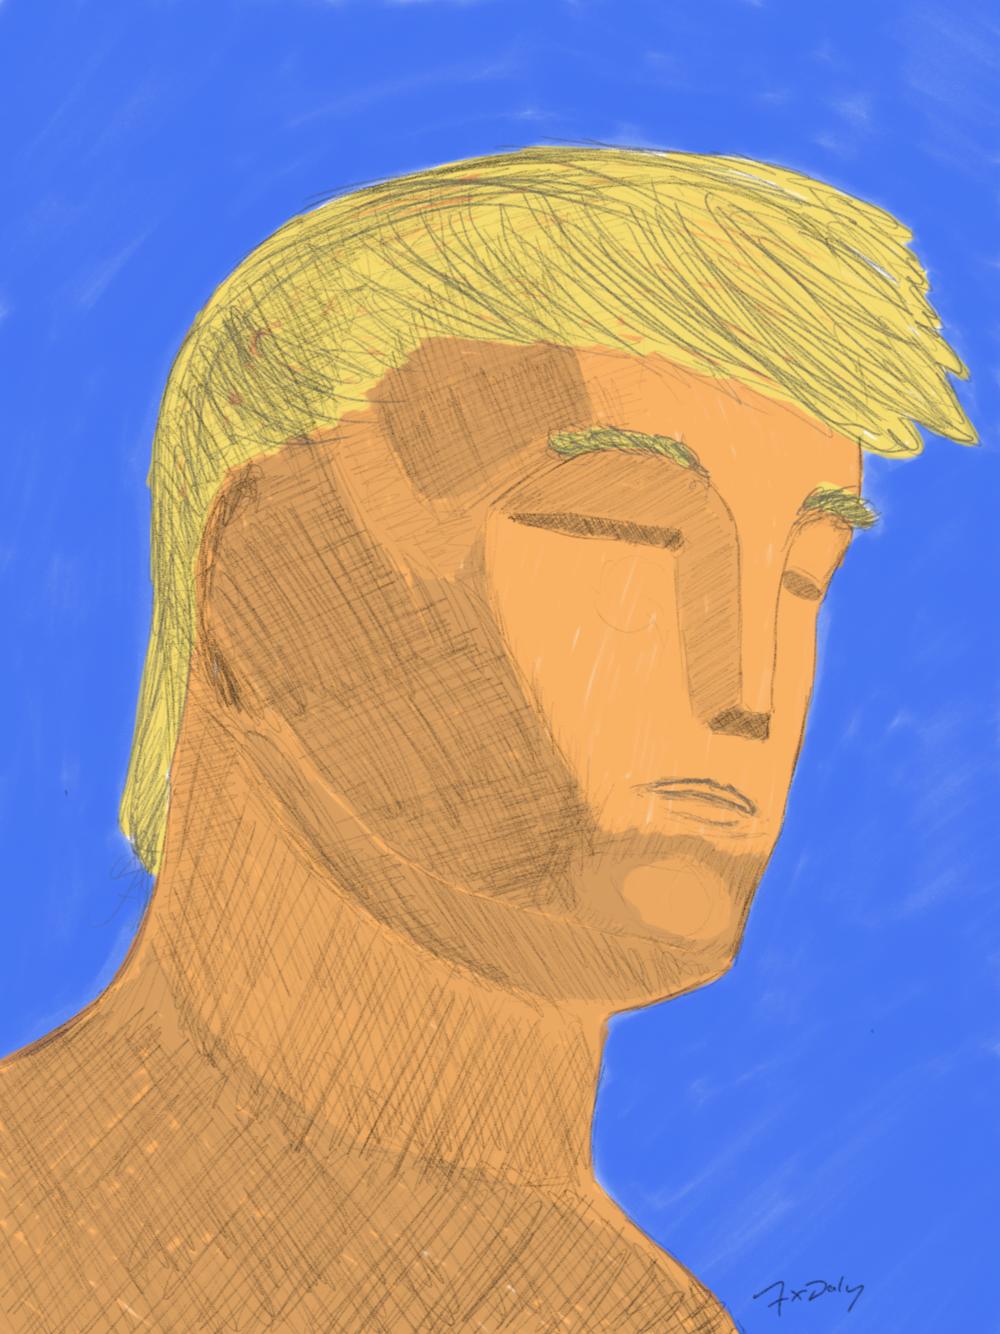 Trumpscar